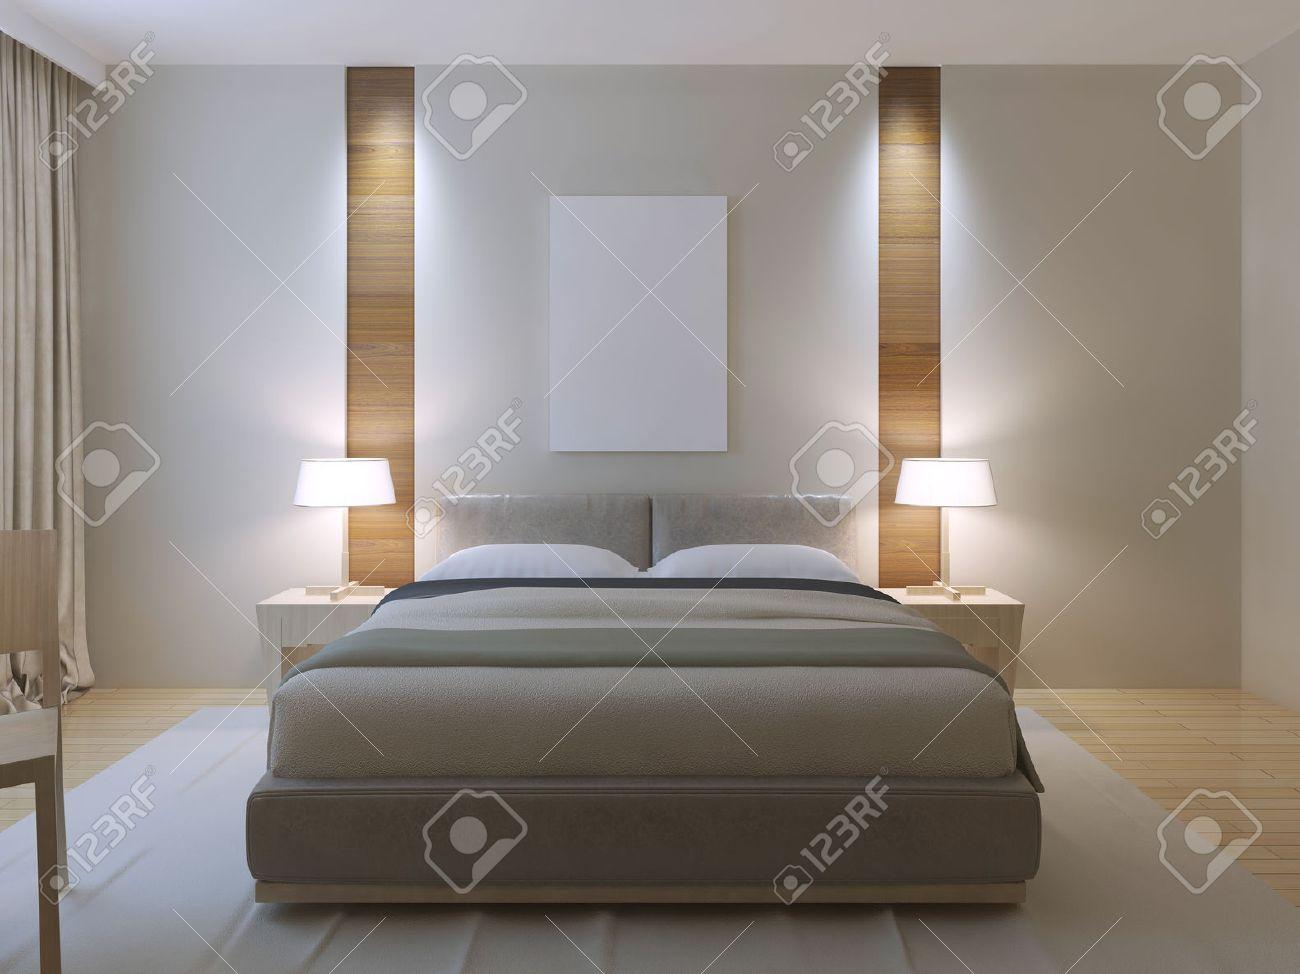 Moderne Schlafzimmer-Design. Gekleidet Doppelbett Mit Lether ...